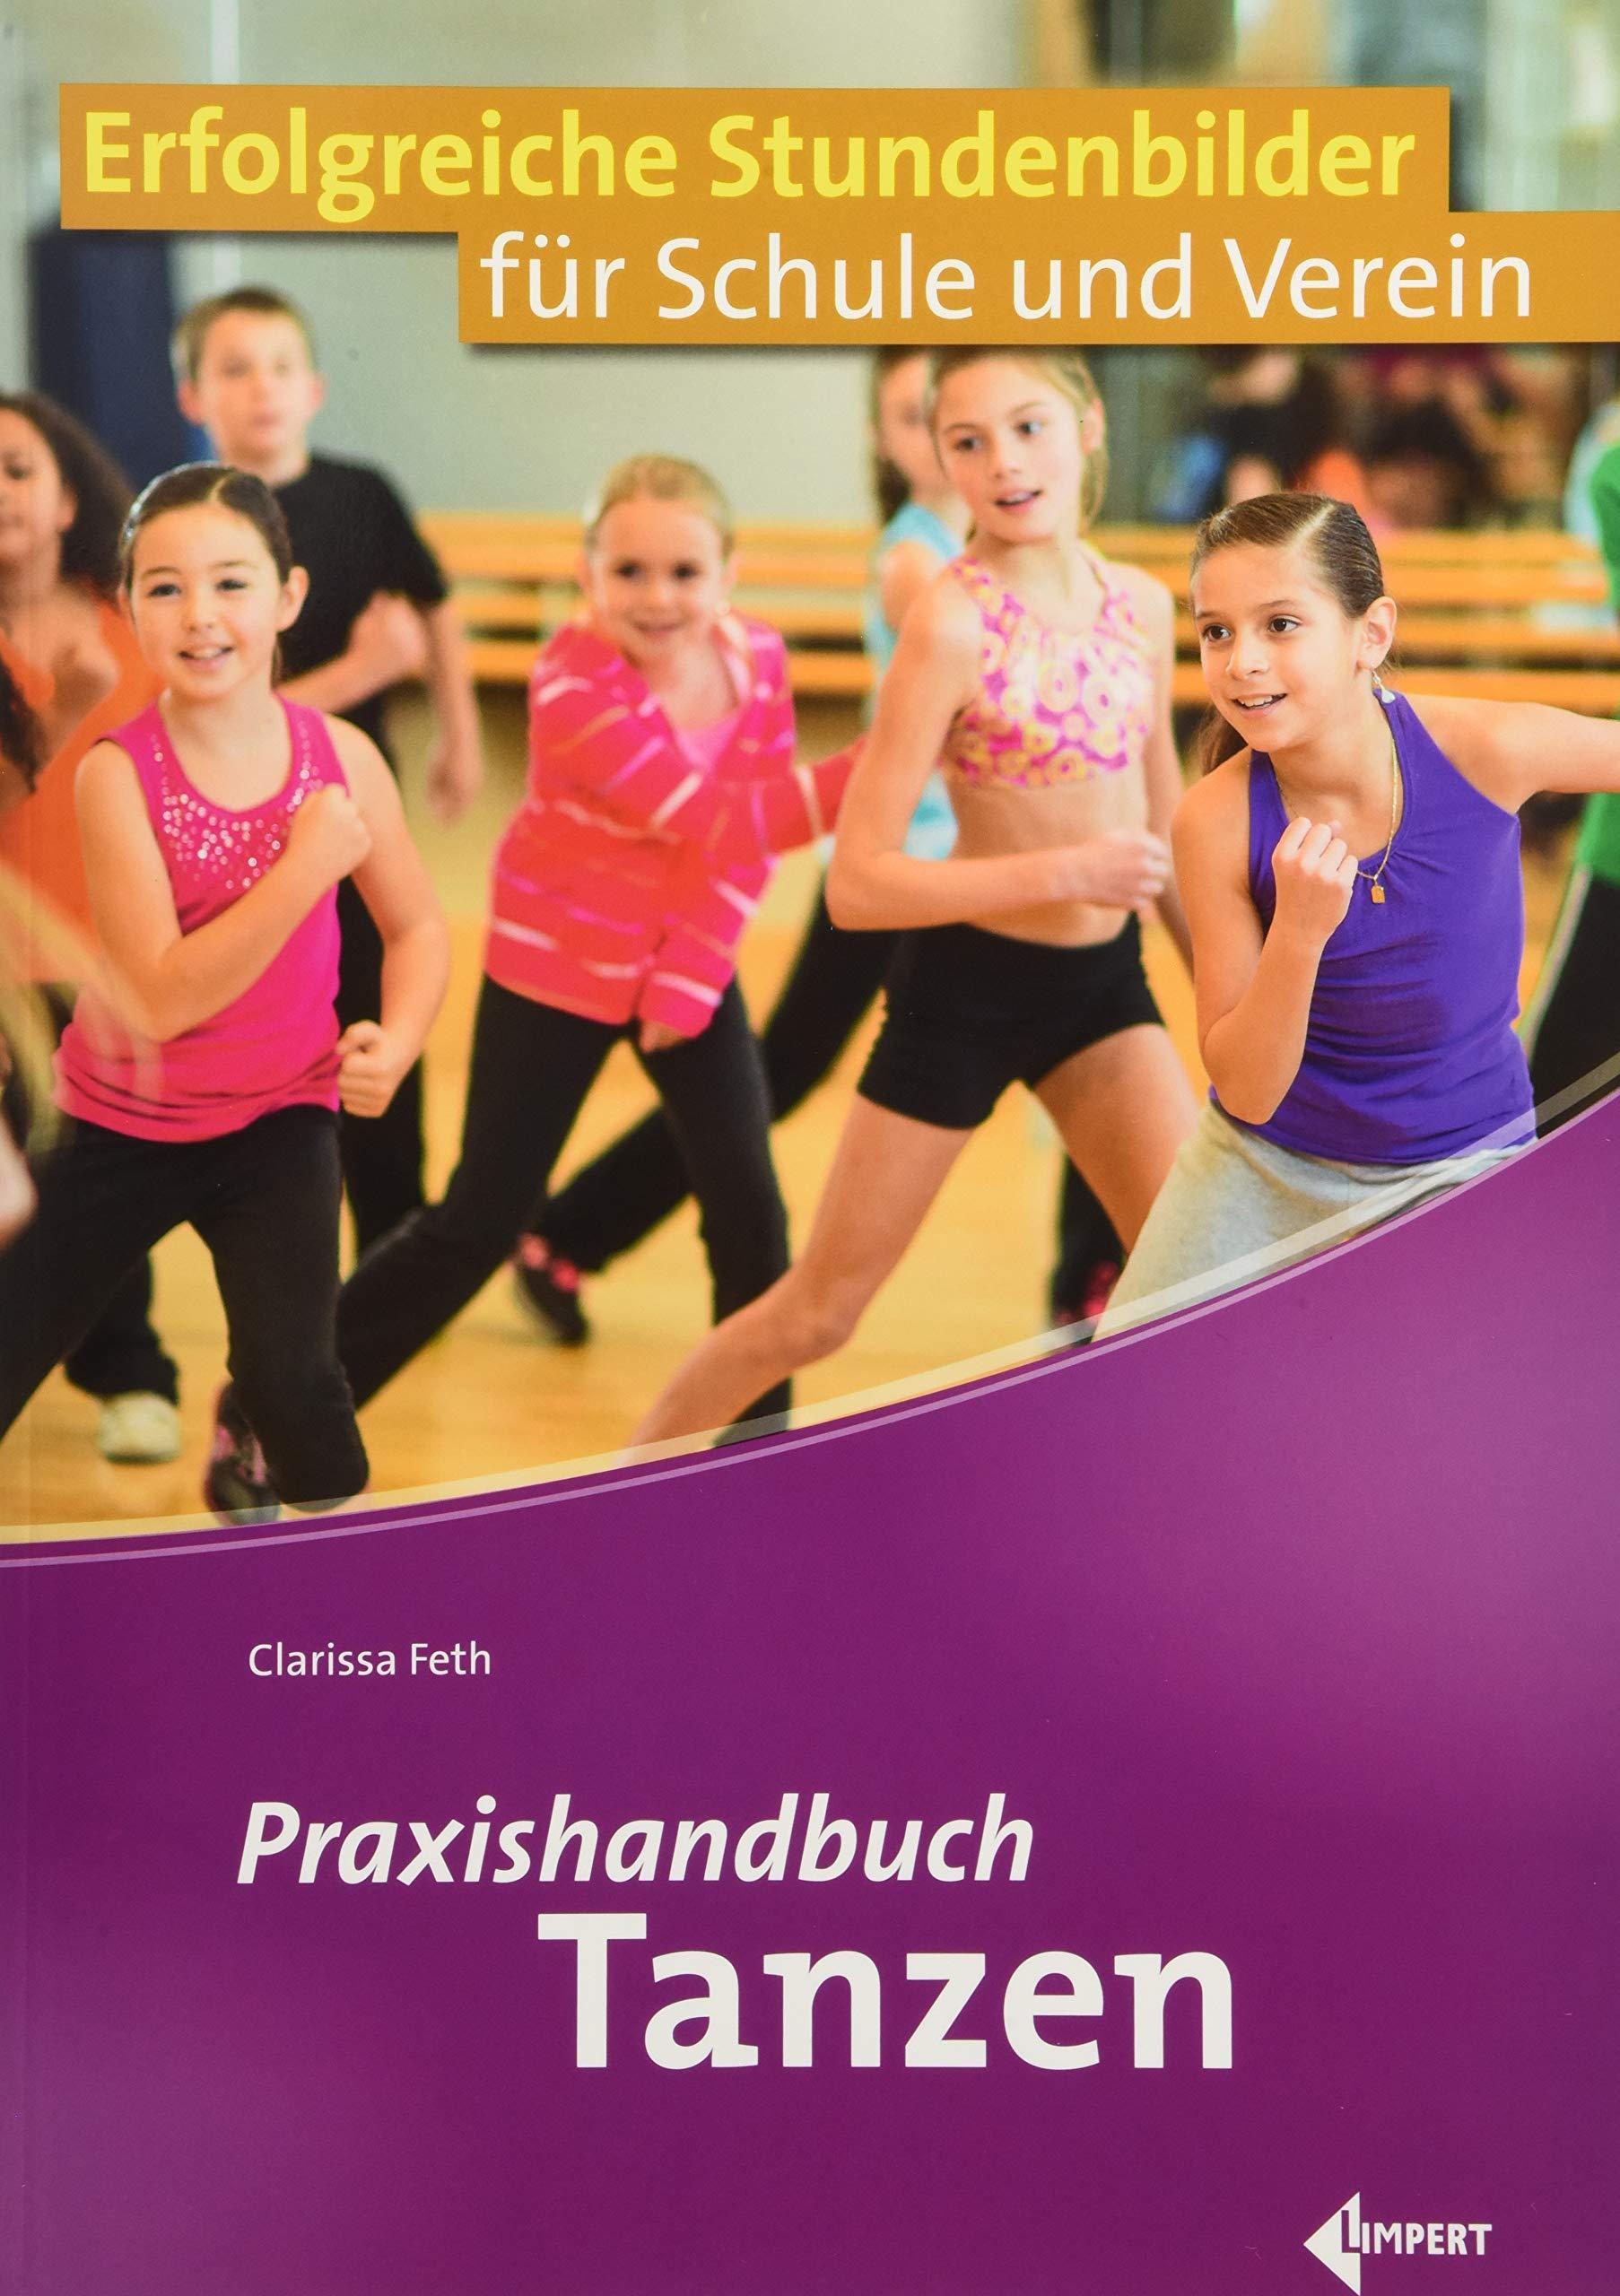 Praxishandbuch Tanzen: Erfolgreiche Stundenbilder für Schule und Verein